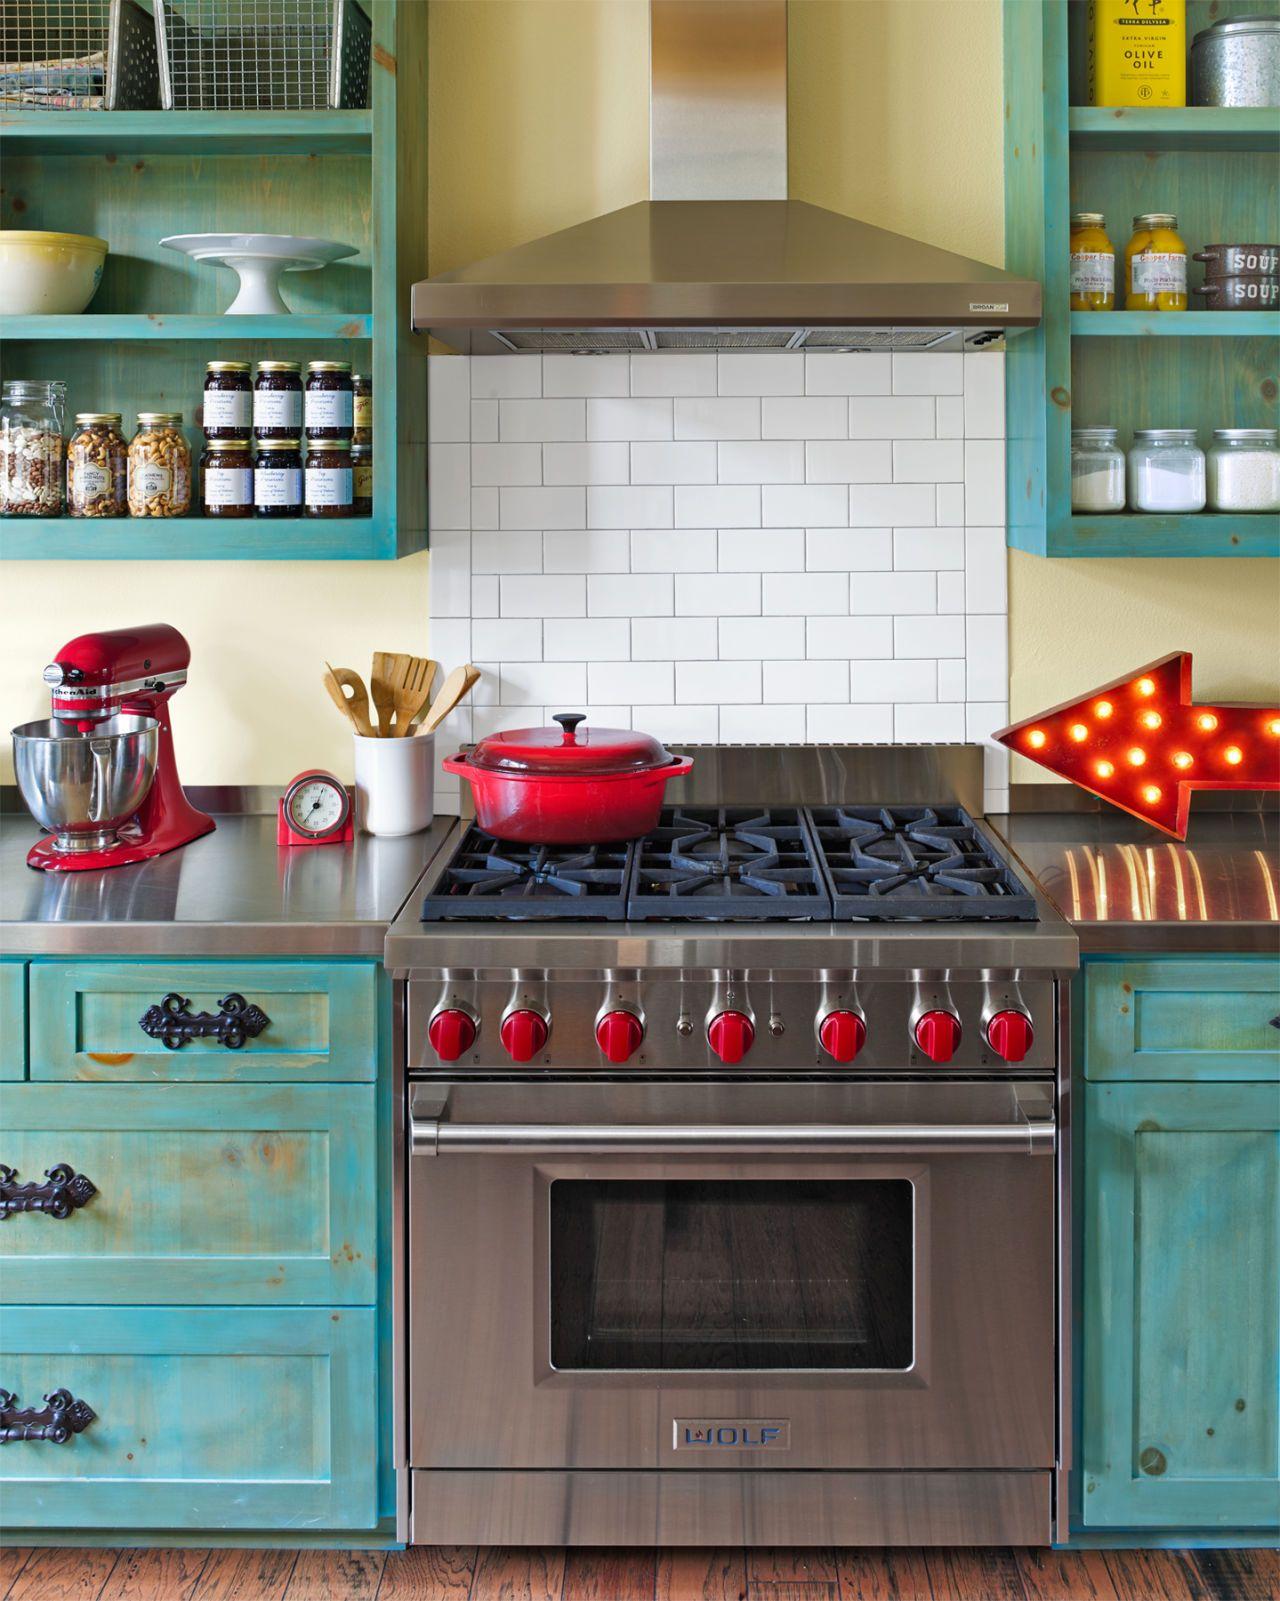 10 Ways to Create a Colorful, Vintage-Style Kitchen | Häuschen und Ideen